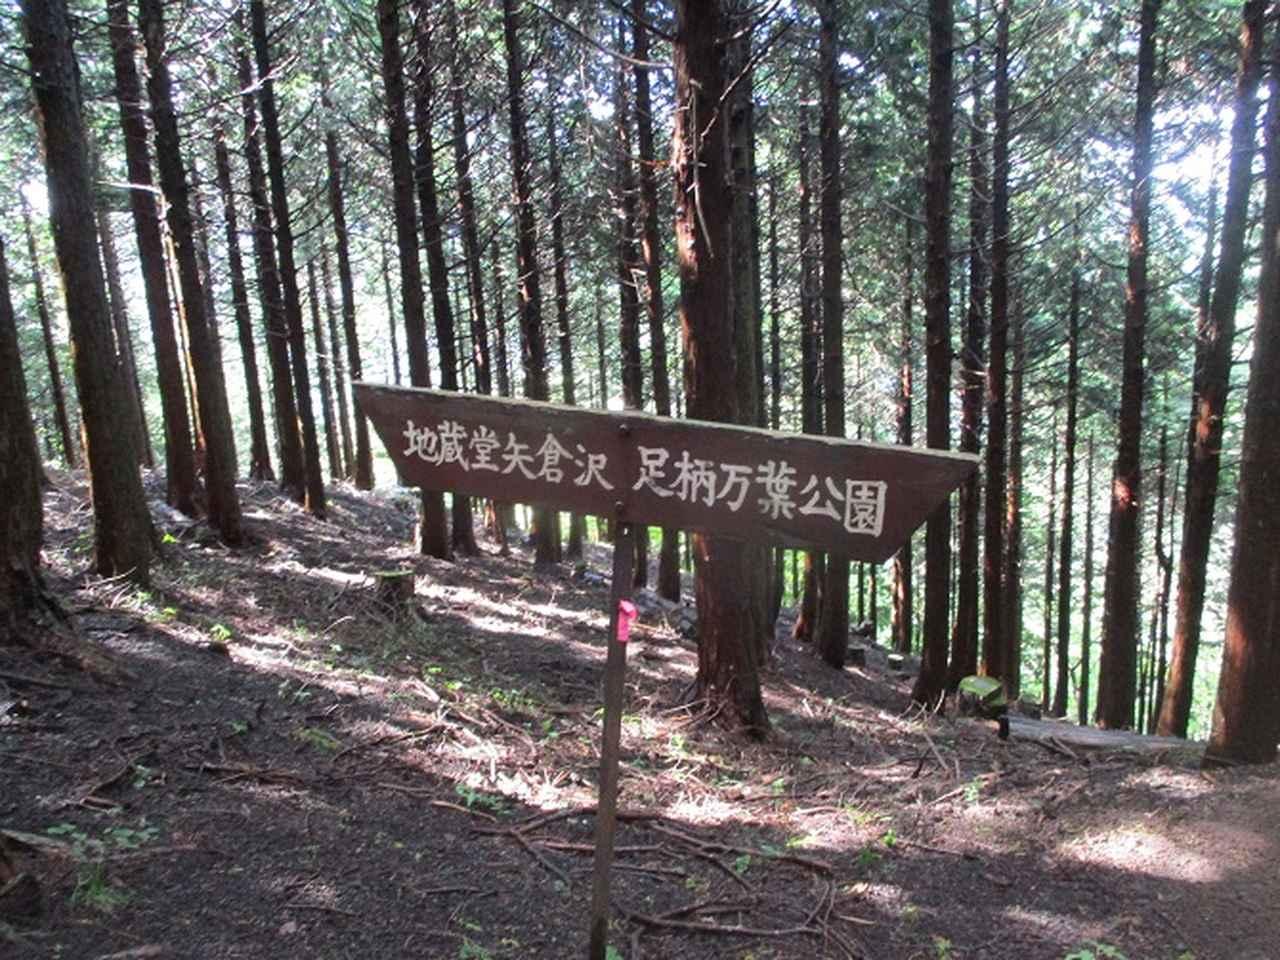 画像6: 10月の山旅会 「矢倉岳」 ツアーの下見に行ってきました!